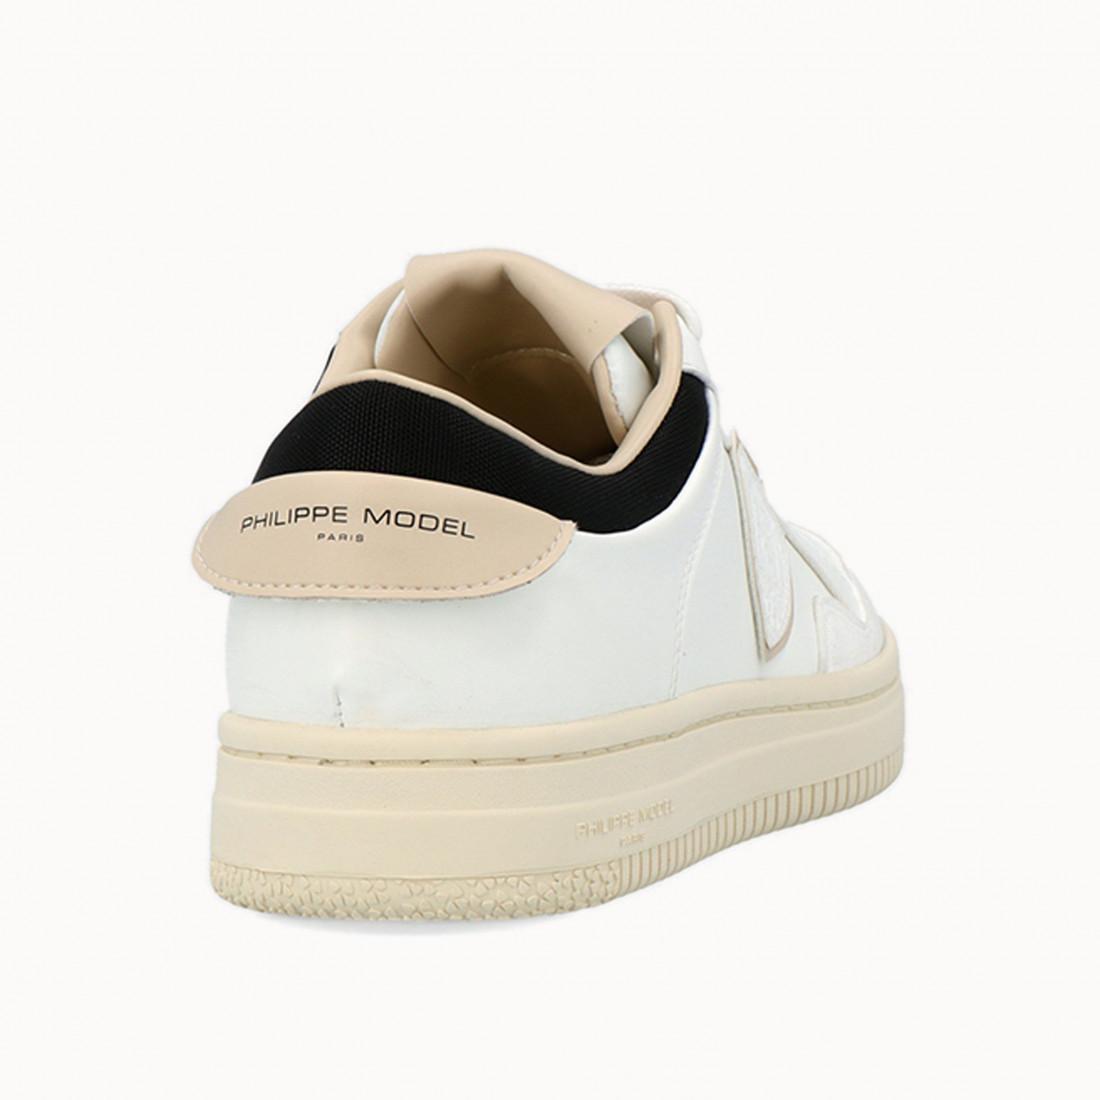 sneakers damen philippe model lyldbl corn04 8260